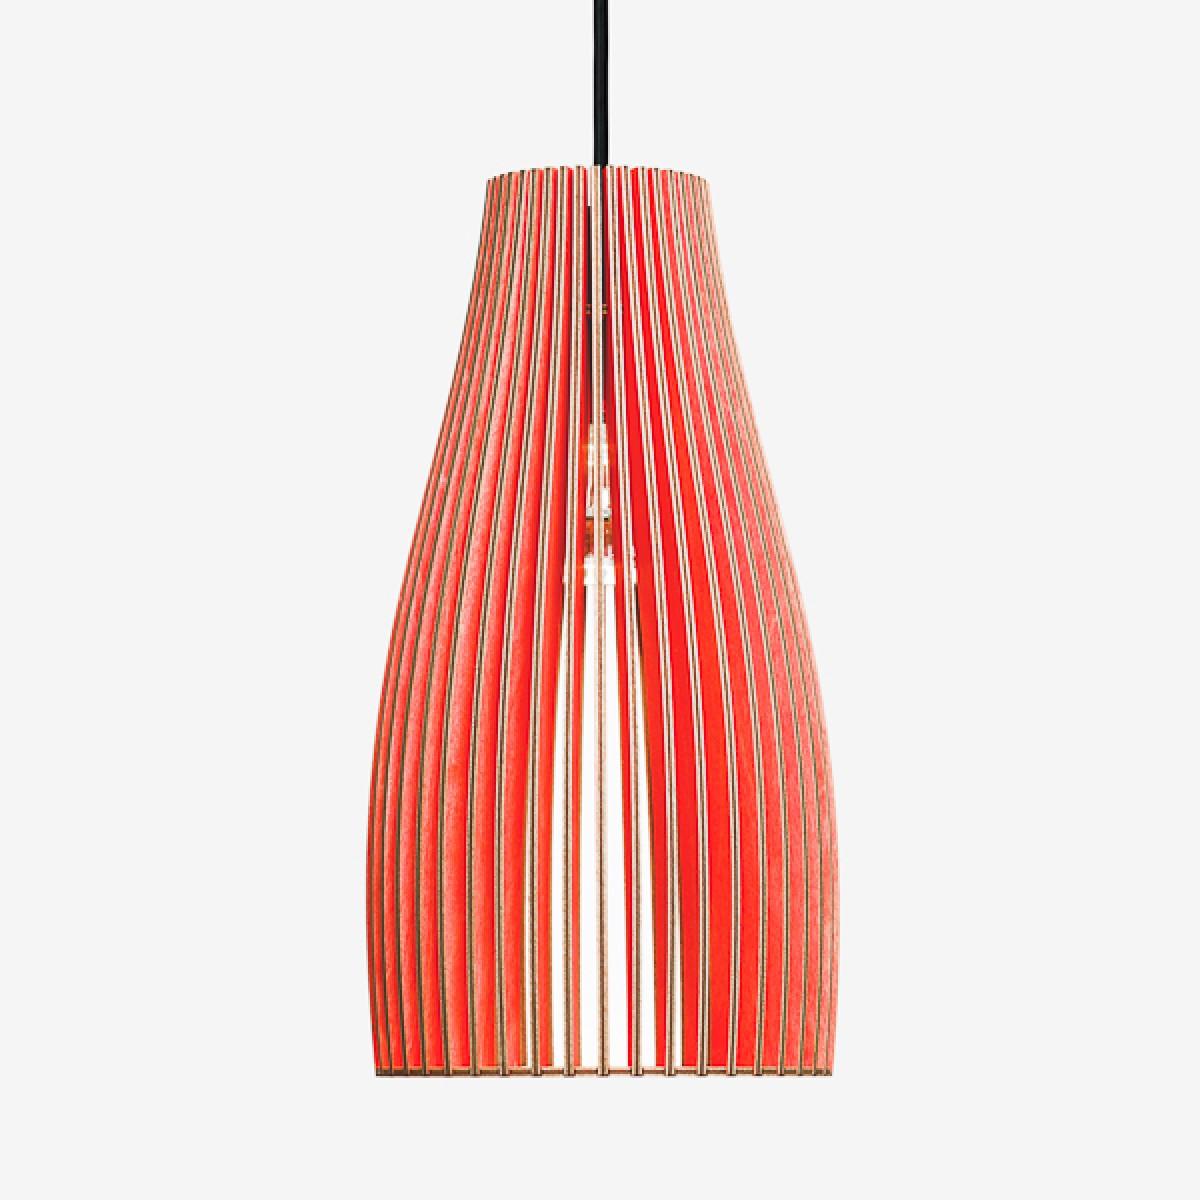 ENA L Pendelleuchte aus Holz (rot)